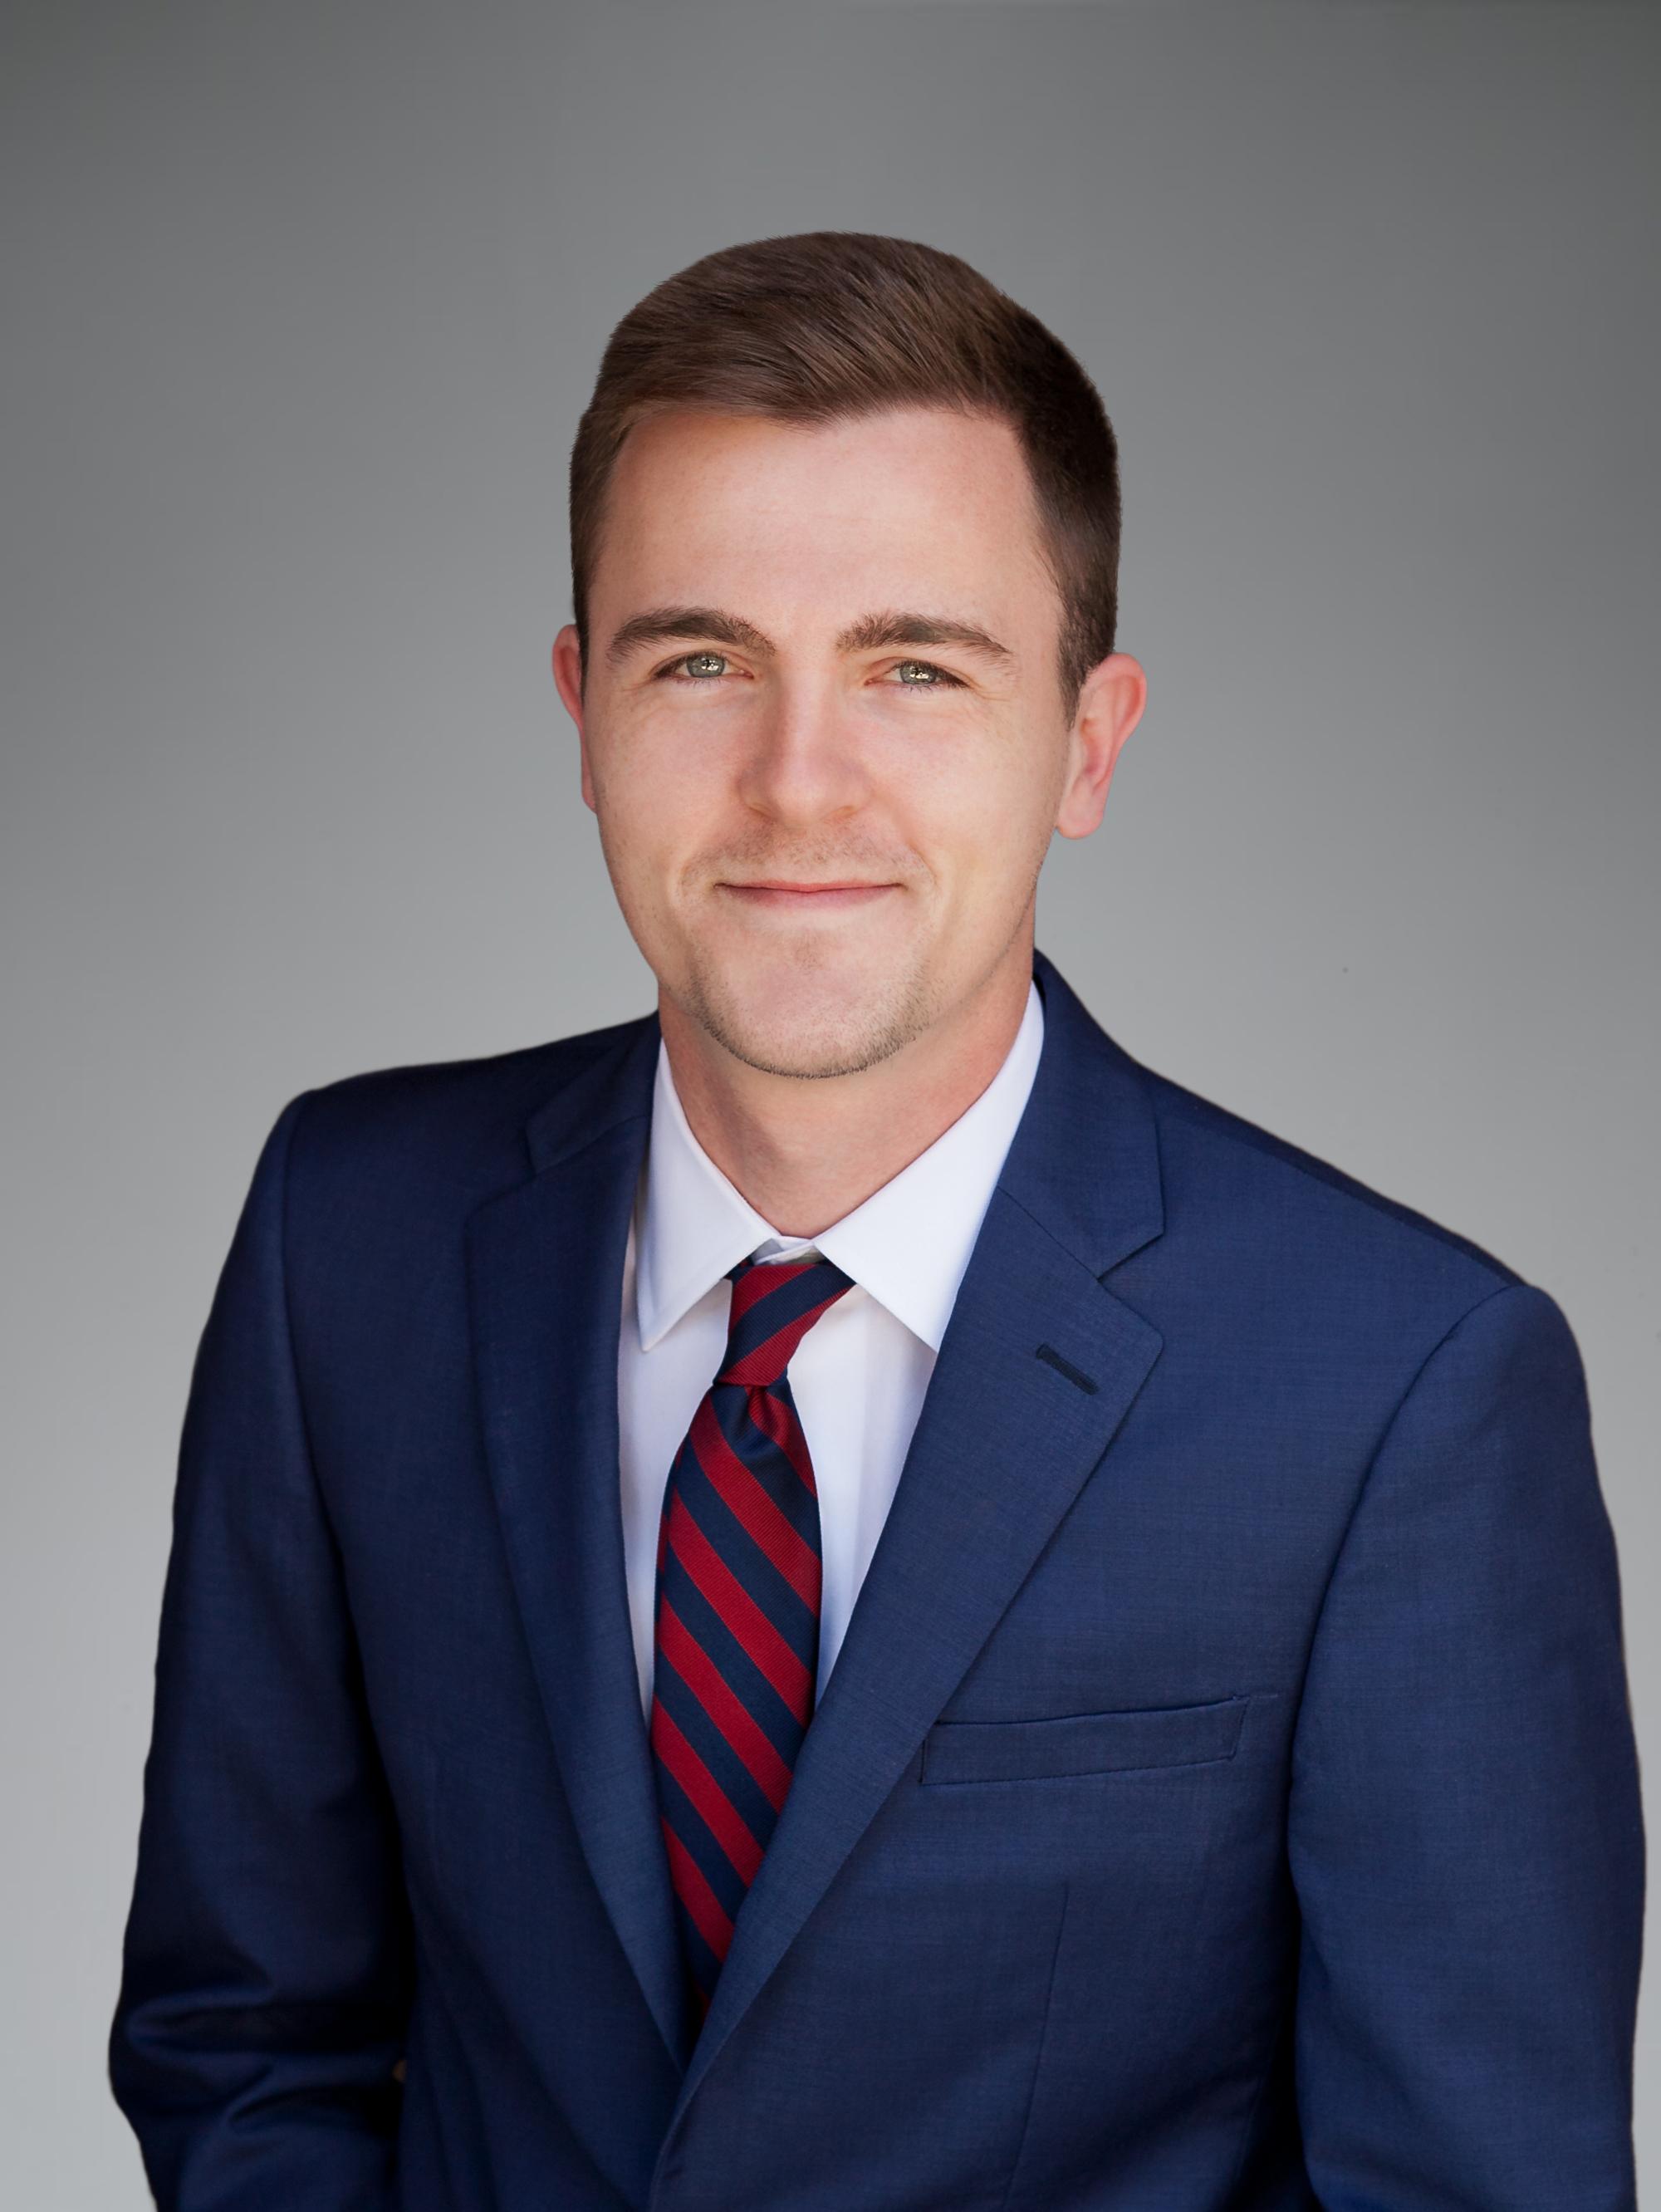 Keaton J. Ebner - Associate